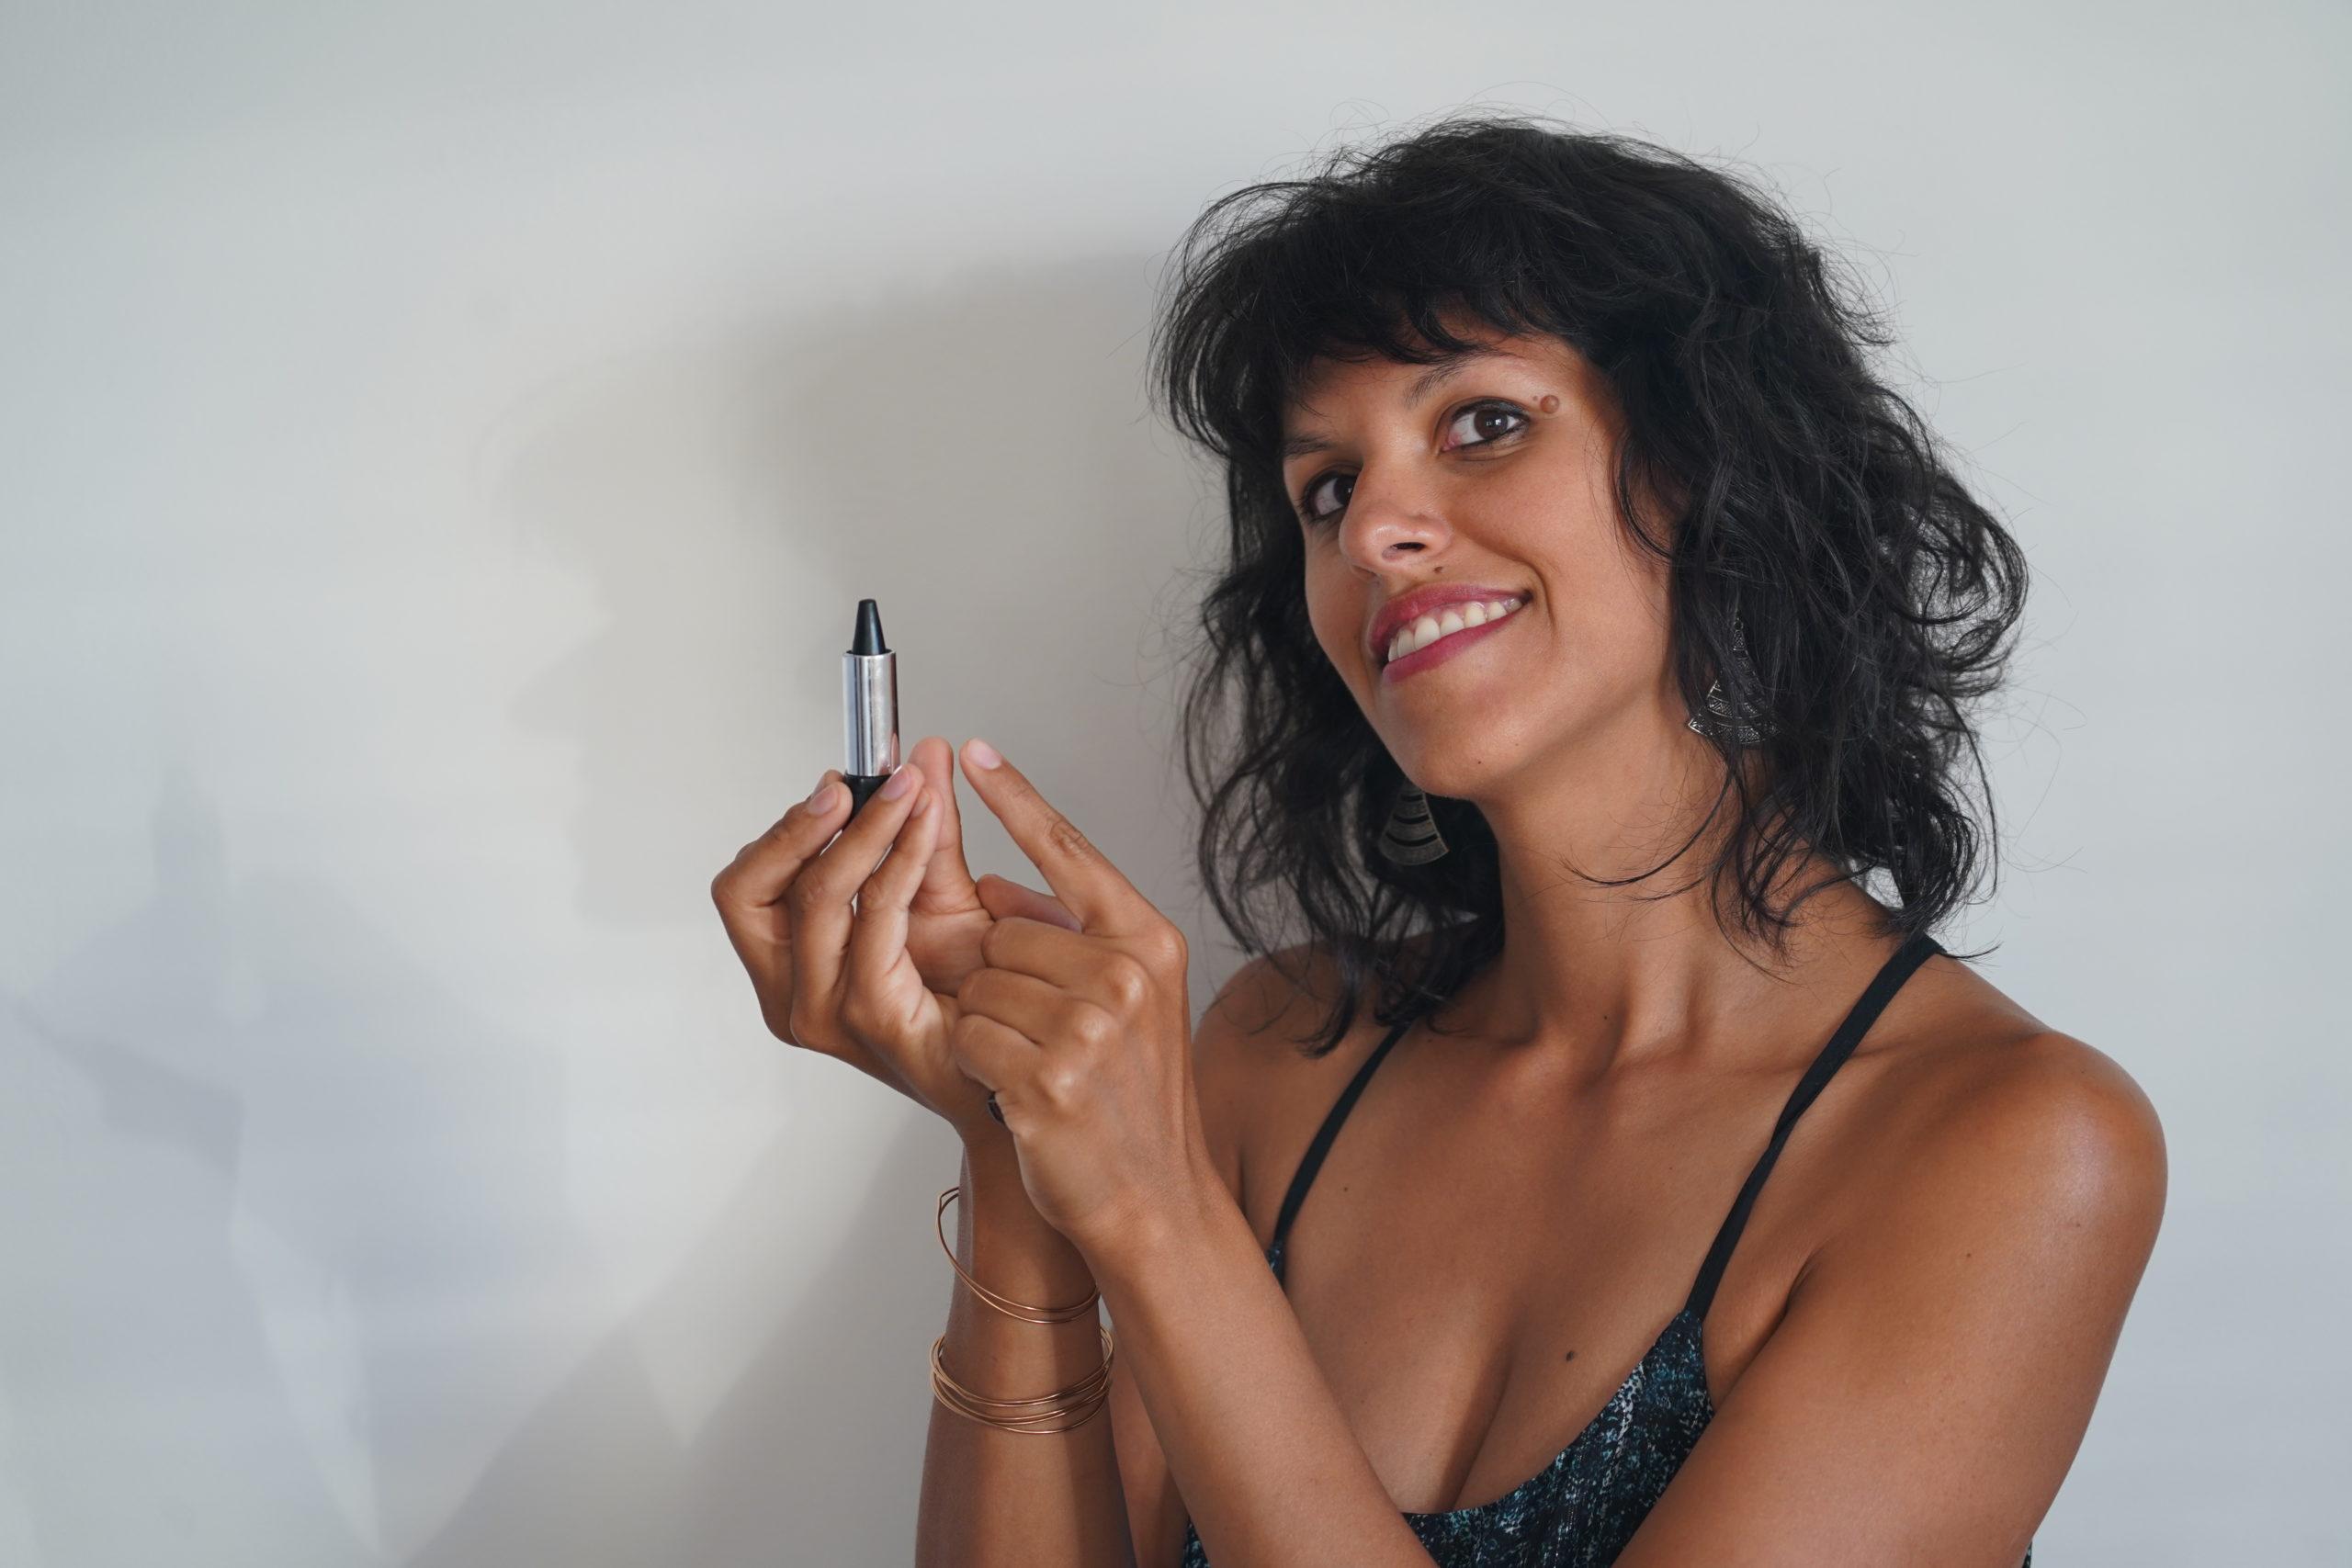 Maquillage naturel et sans chimie